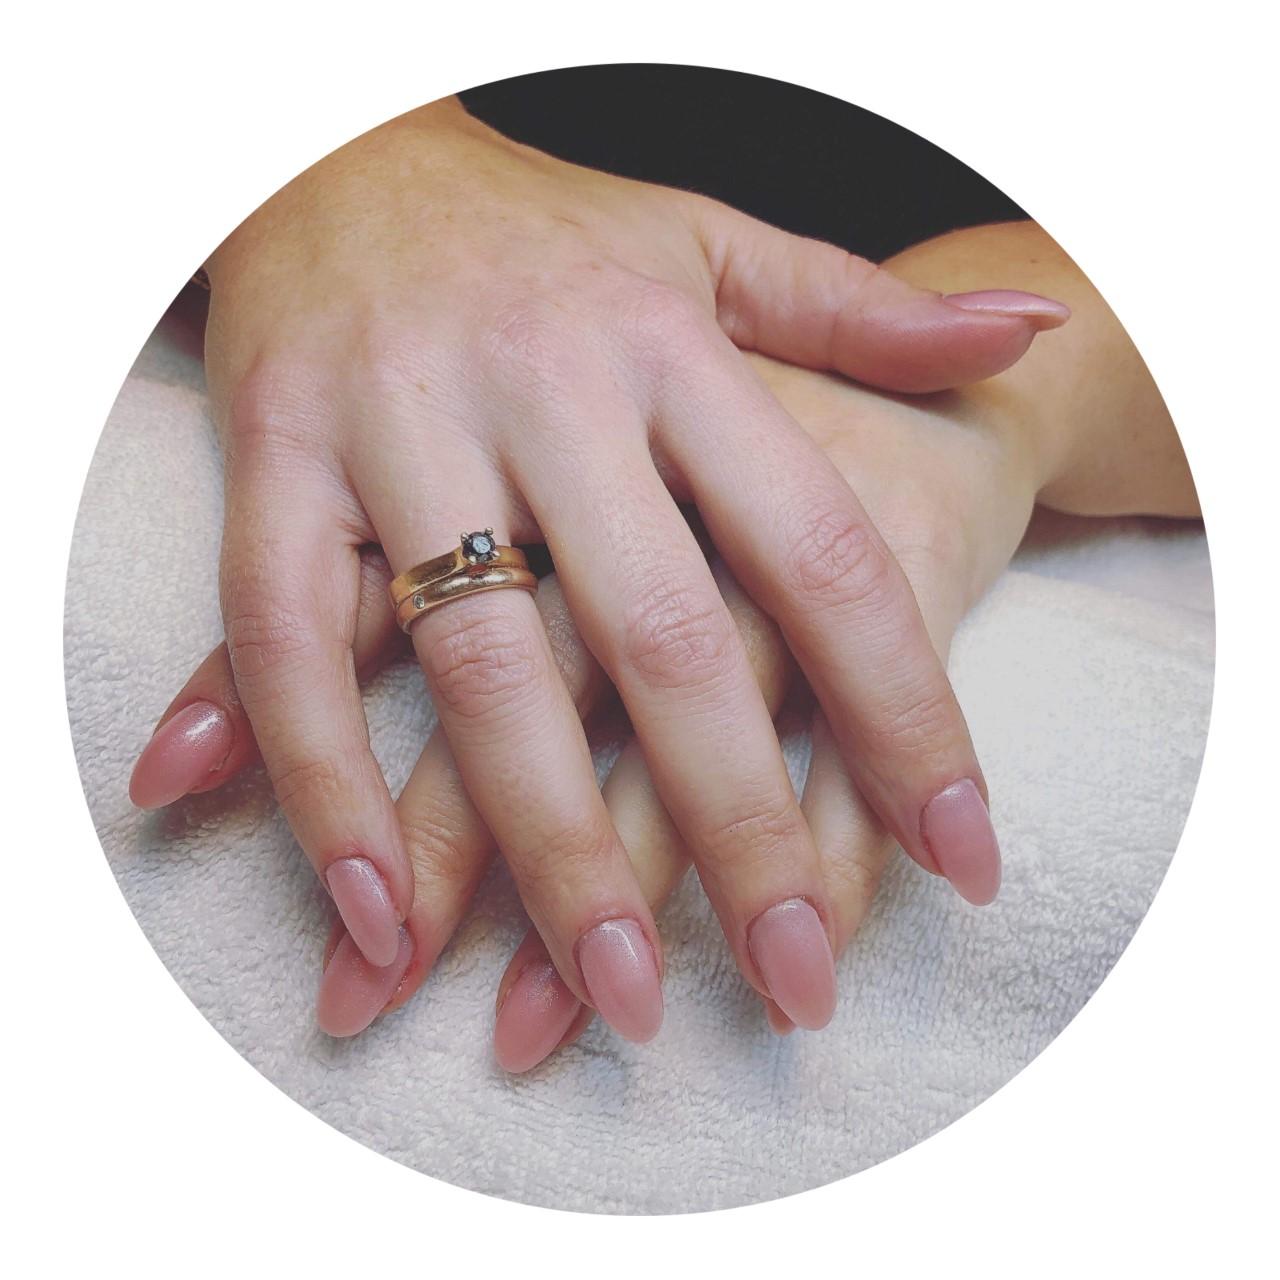 Populære CND Gele negle intro/øve | Clinique Body Guide WG-39